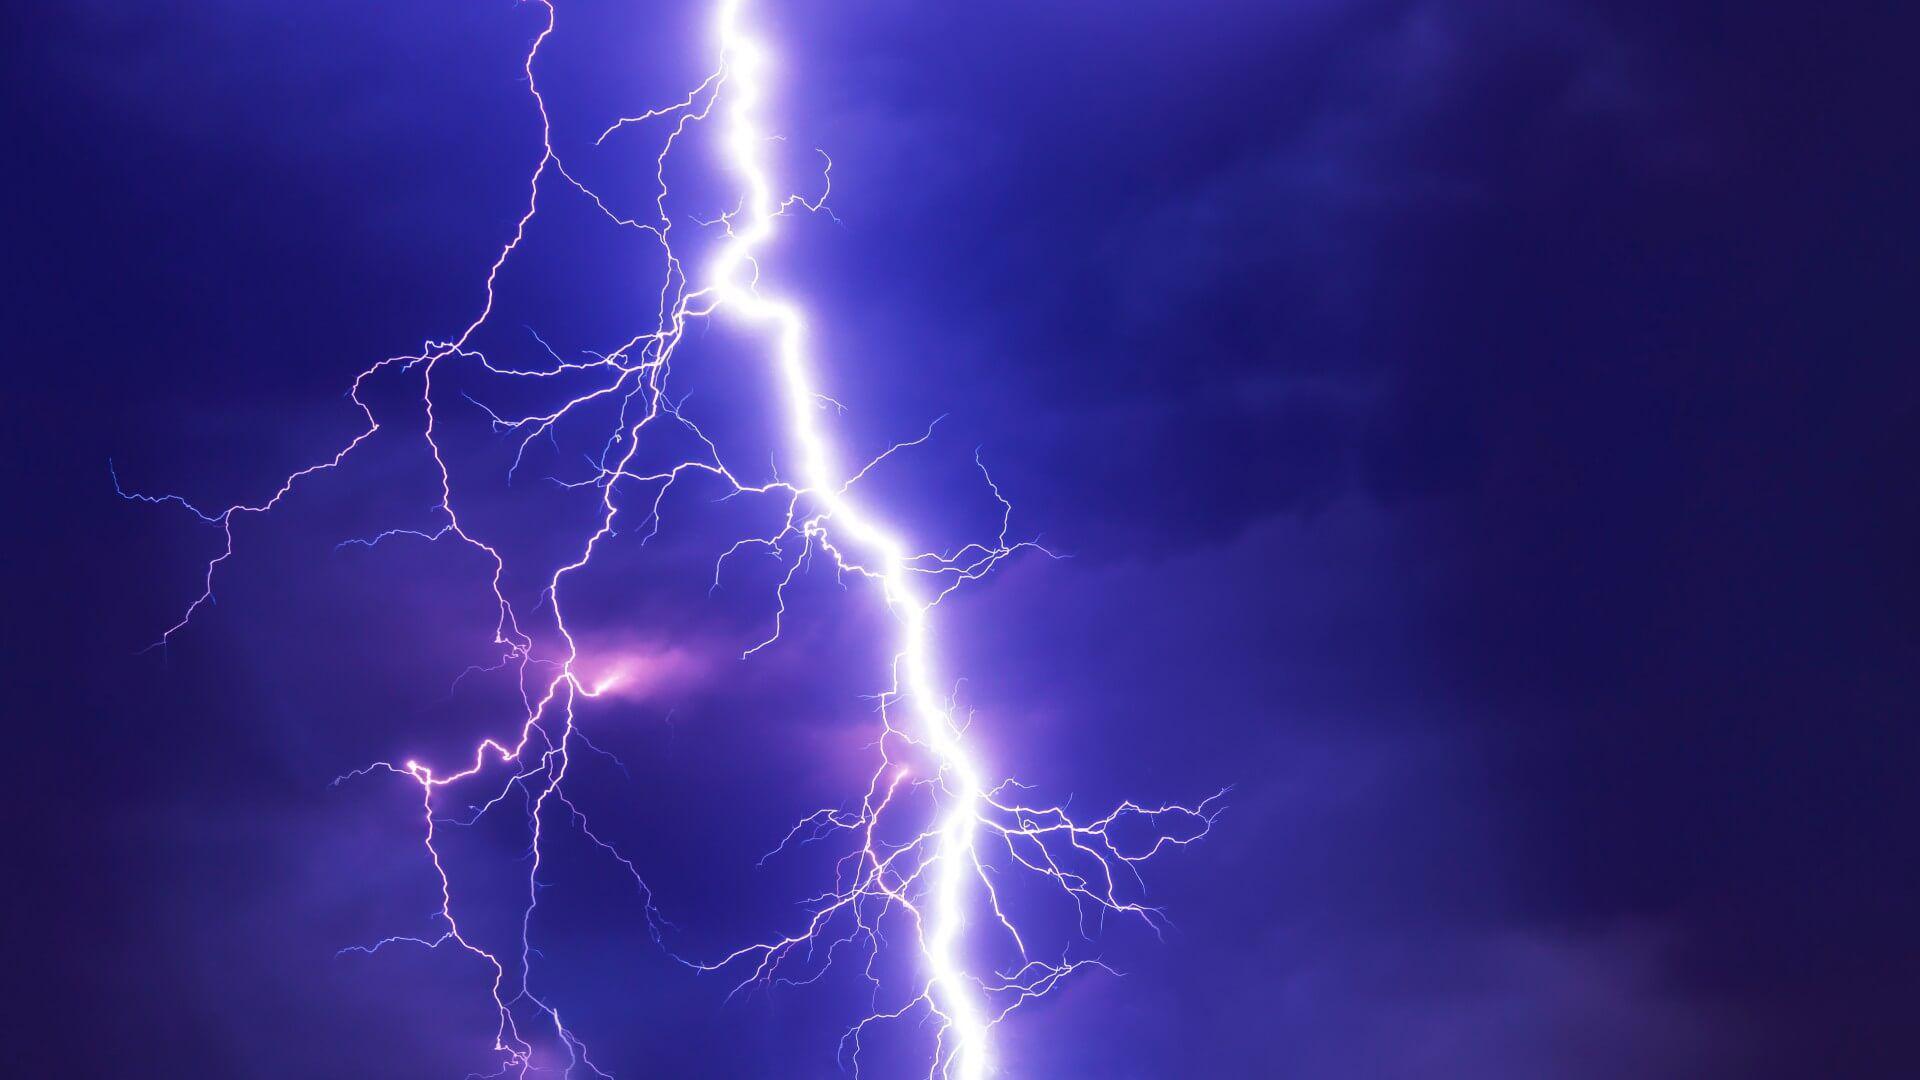 Lightning Bolt Nice Wallpaper